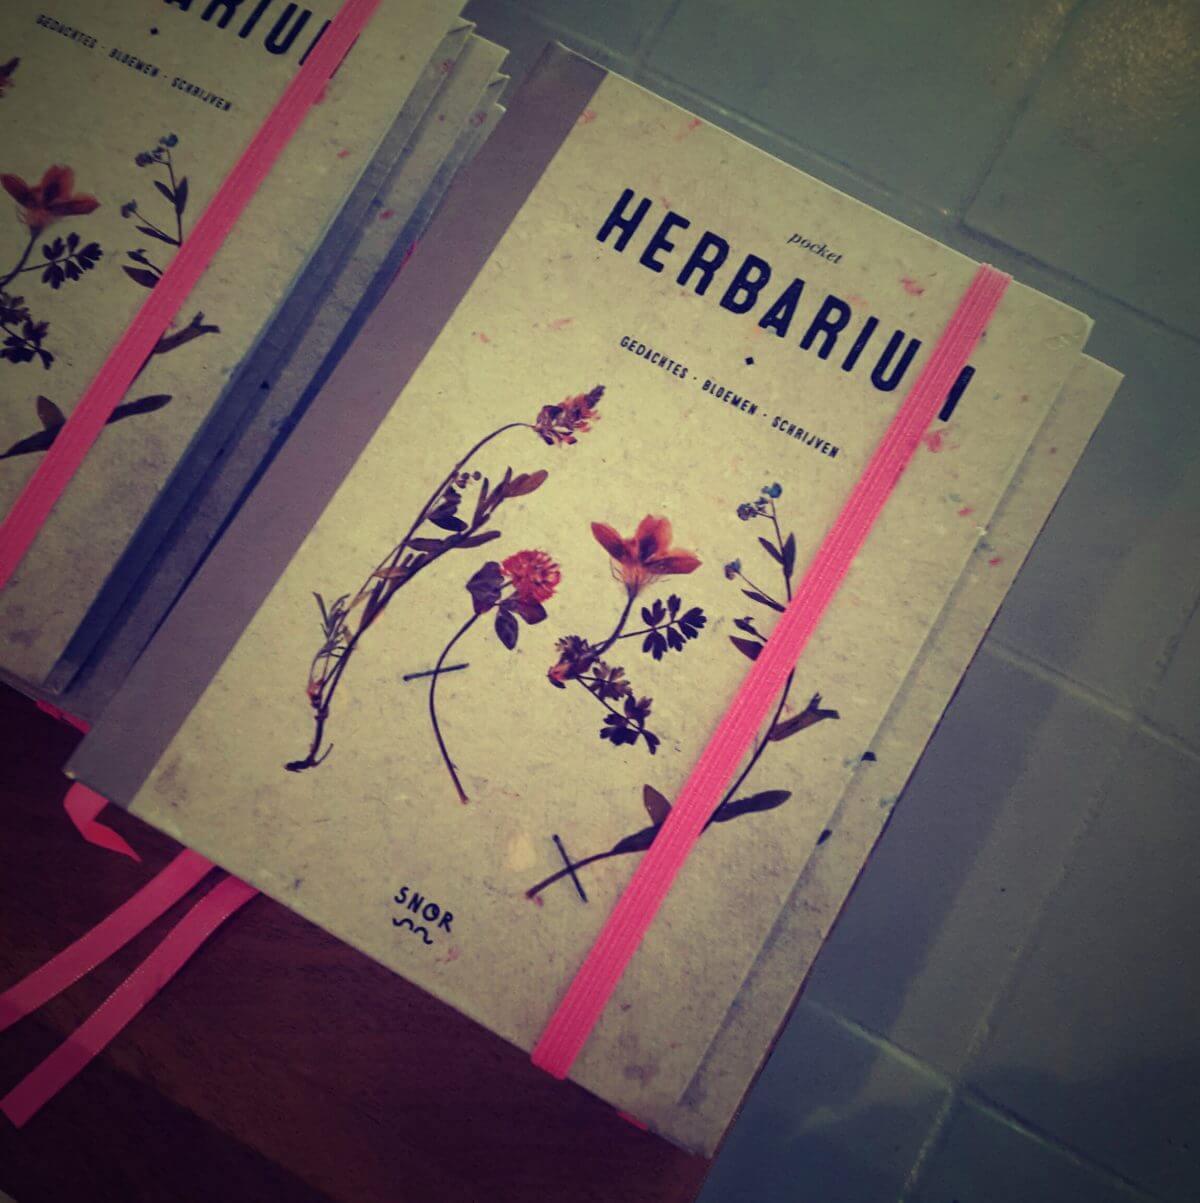 Herbarium van Snor